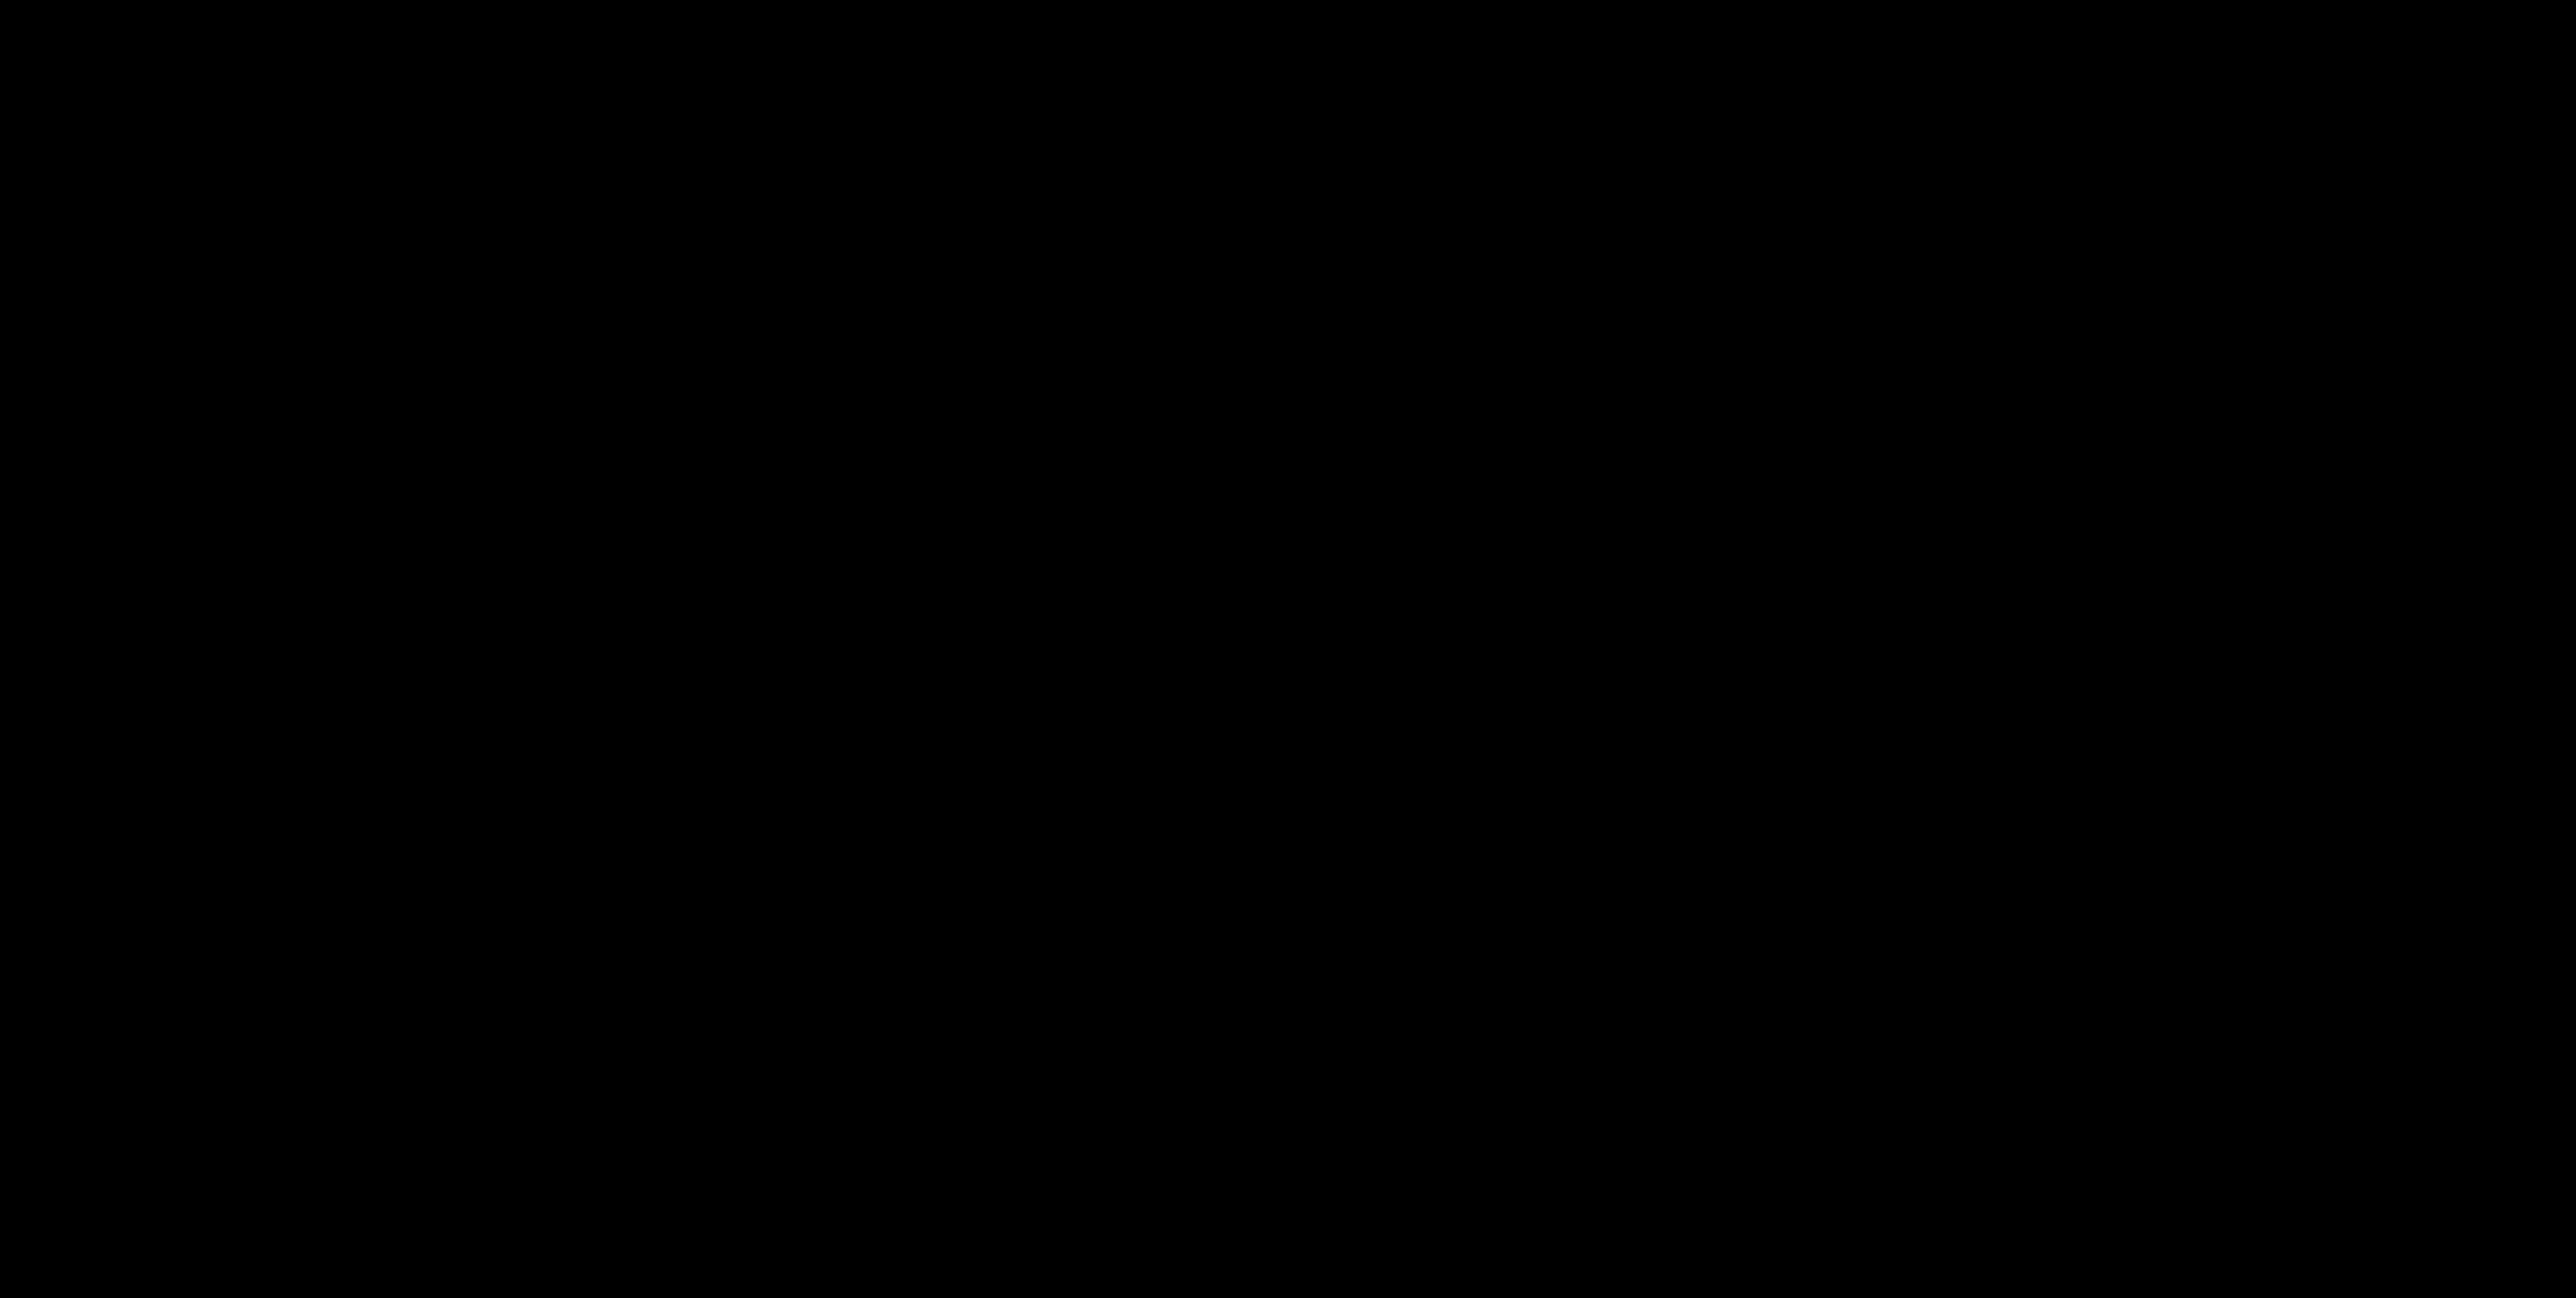 GTF-Fahnen-2020-01-08